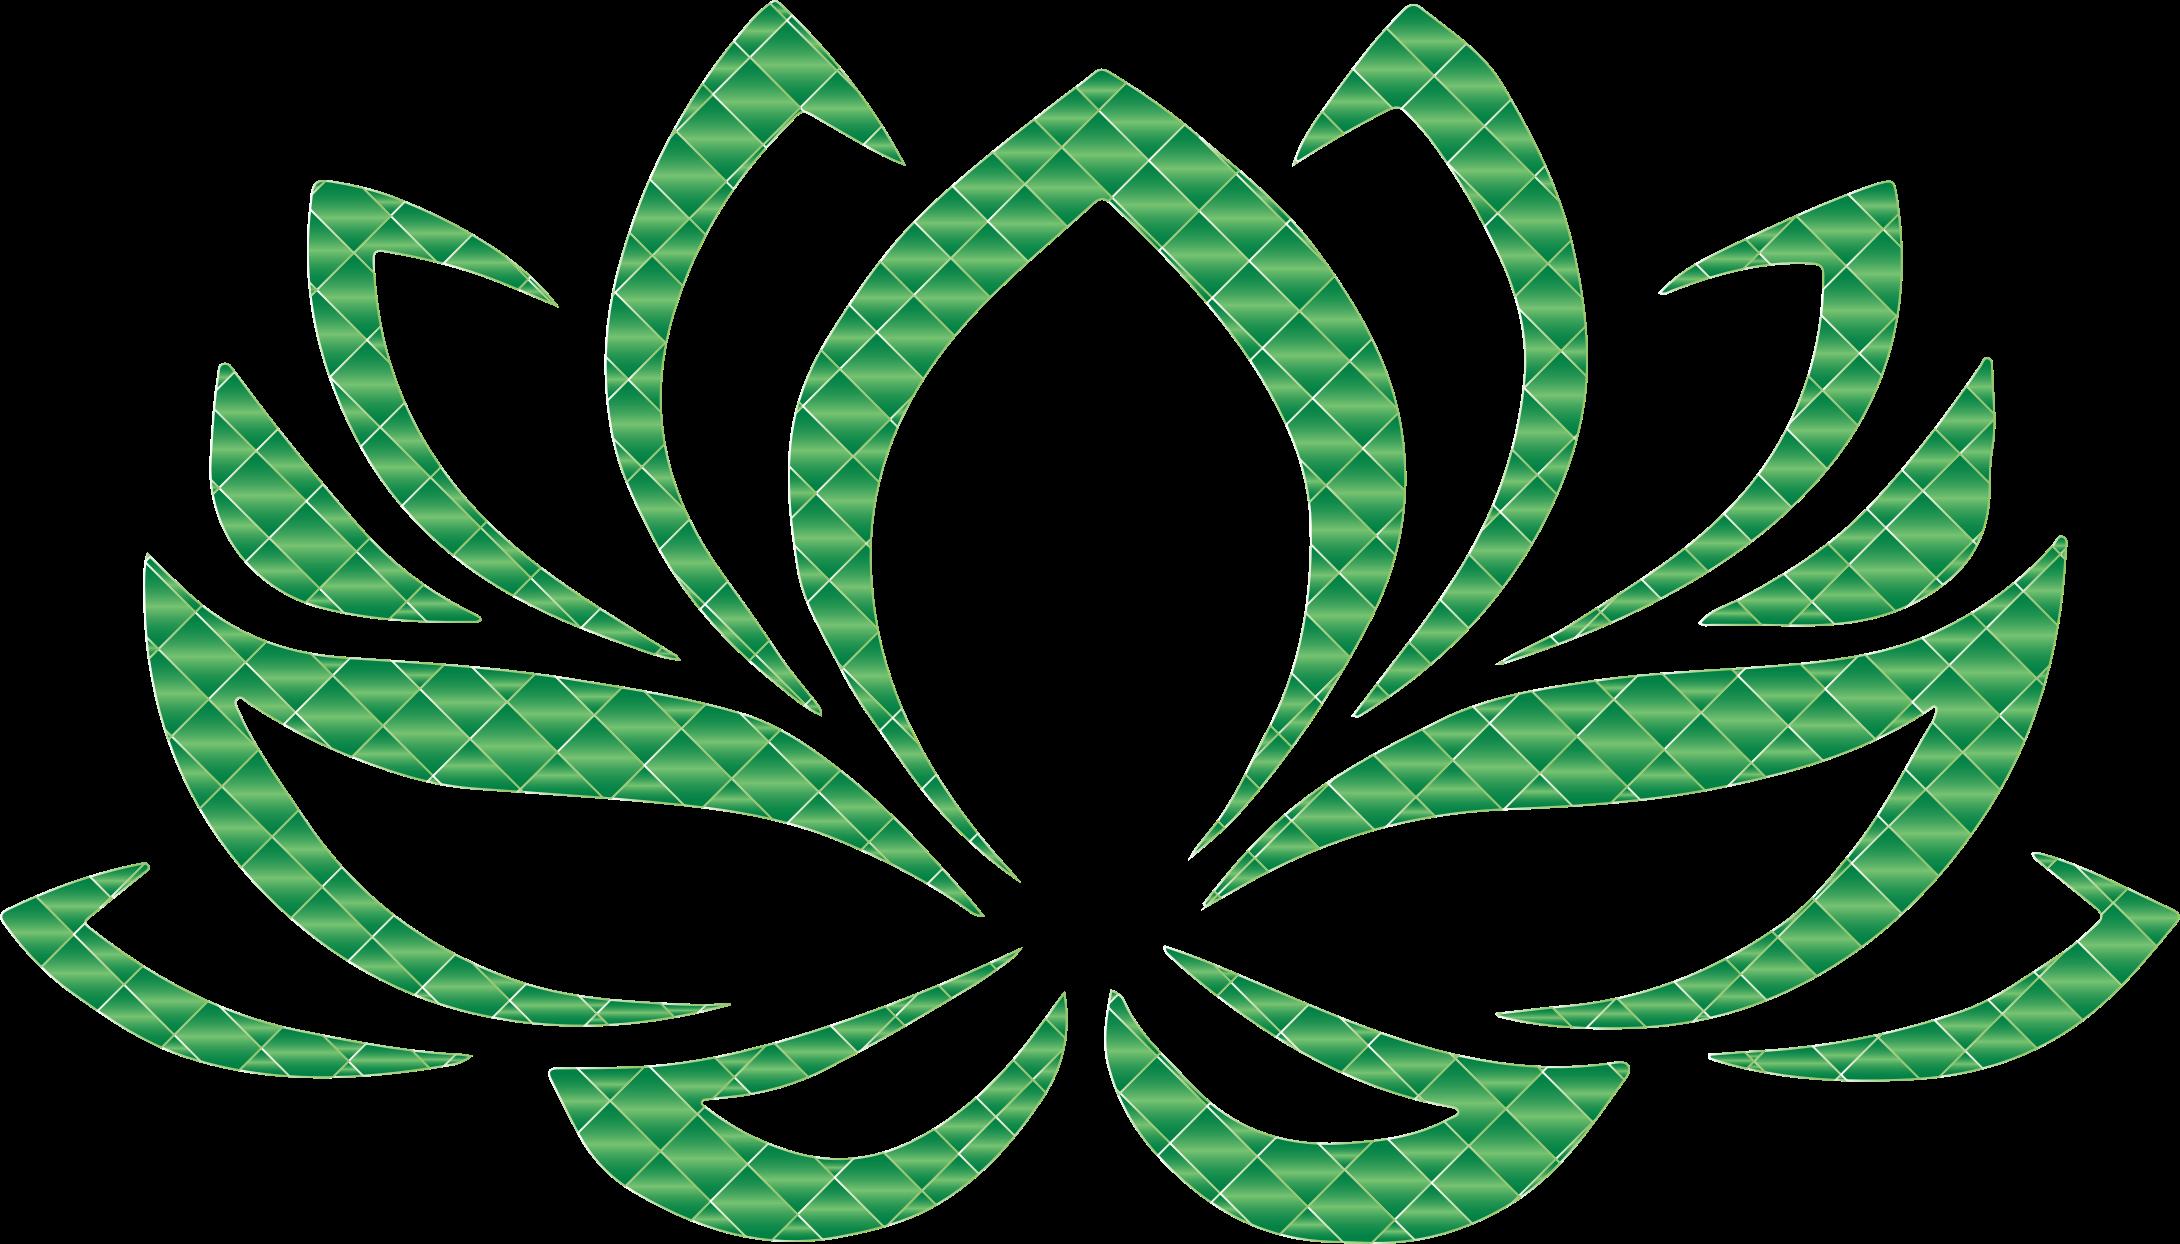 Emerald clipart transparent Emerald Flower No Emerald No